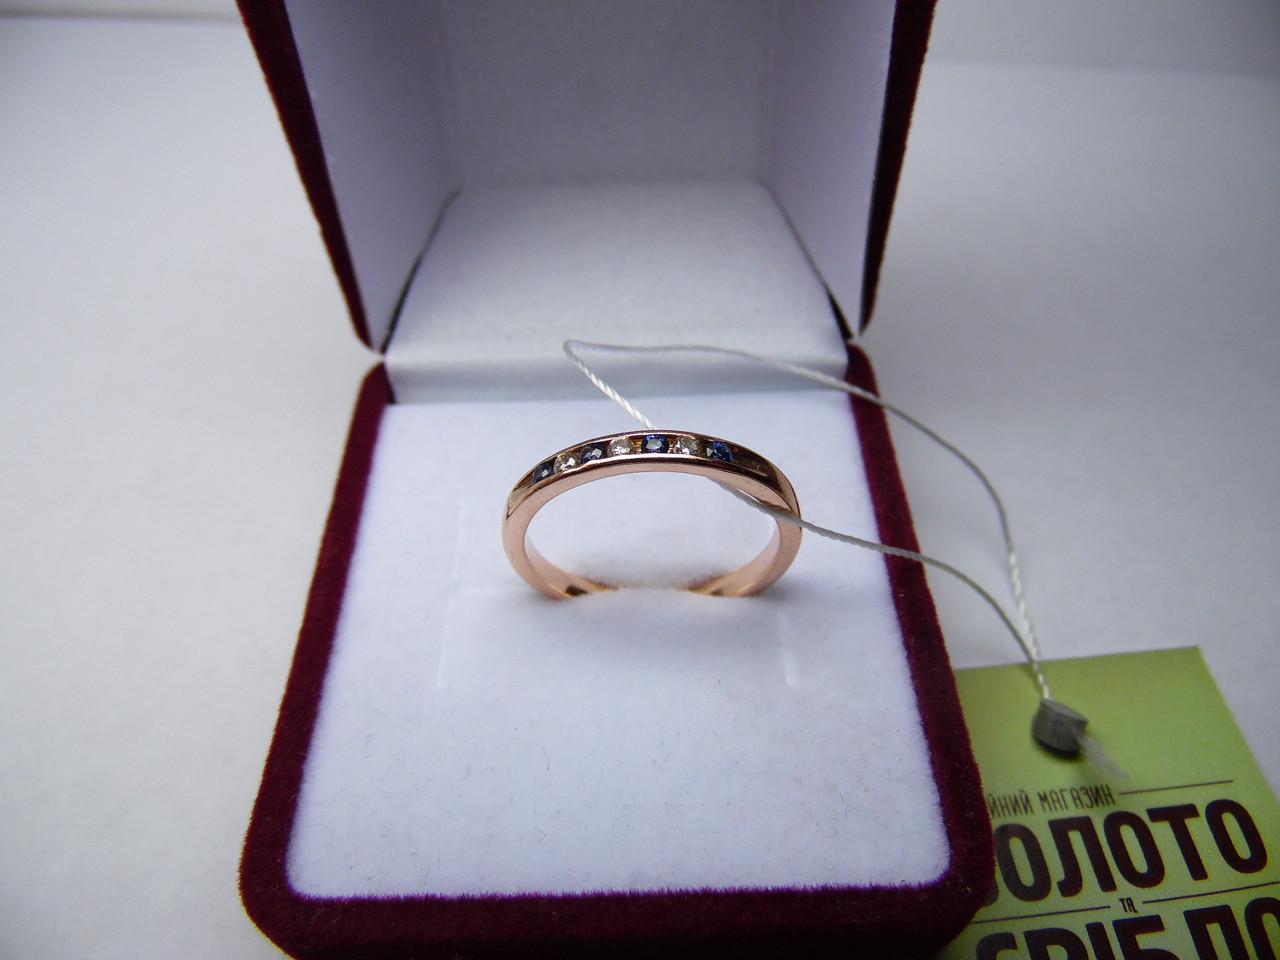 6a4575392c7a Женское Золотое Кольцо с Бриллиантами, Размер 18,5 — в Категории ...